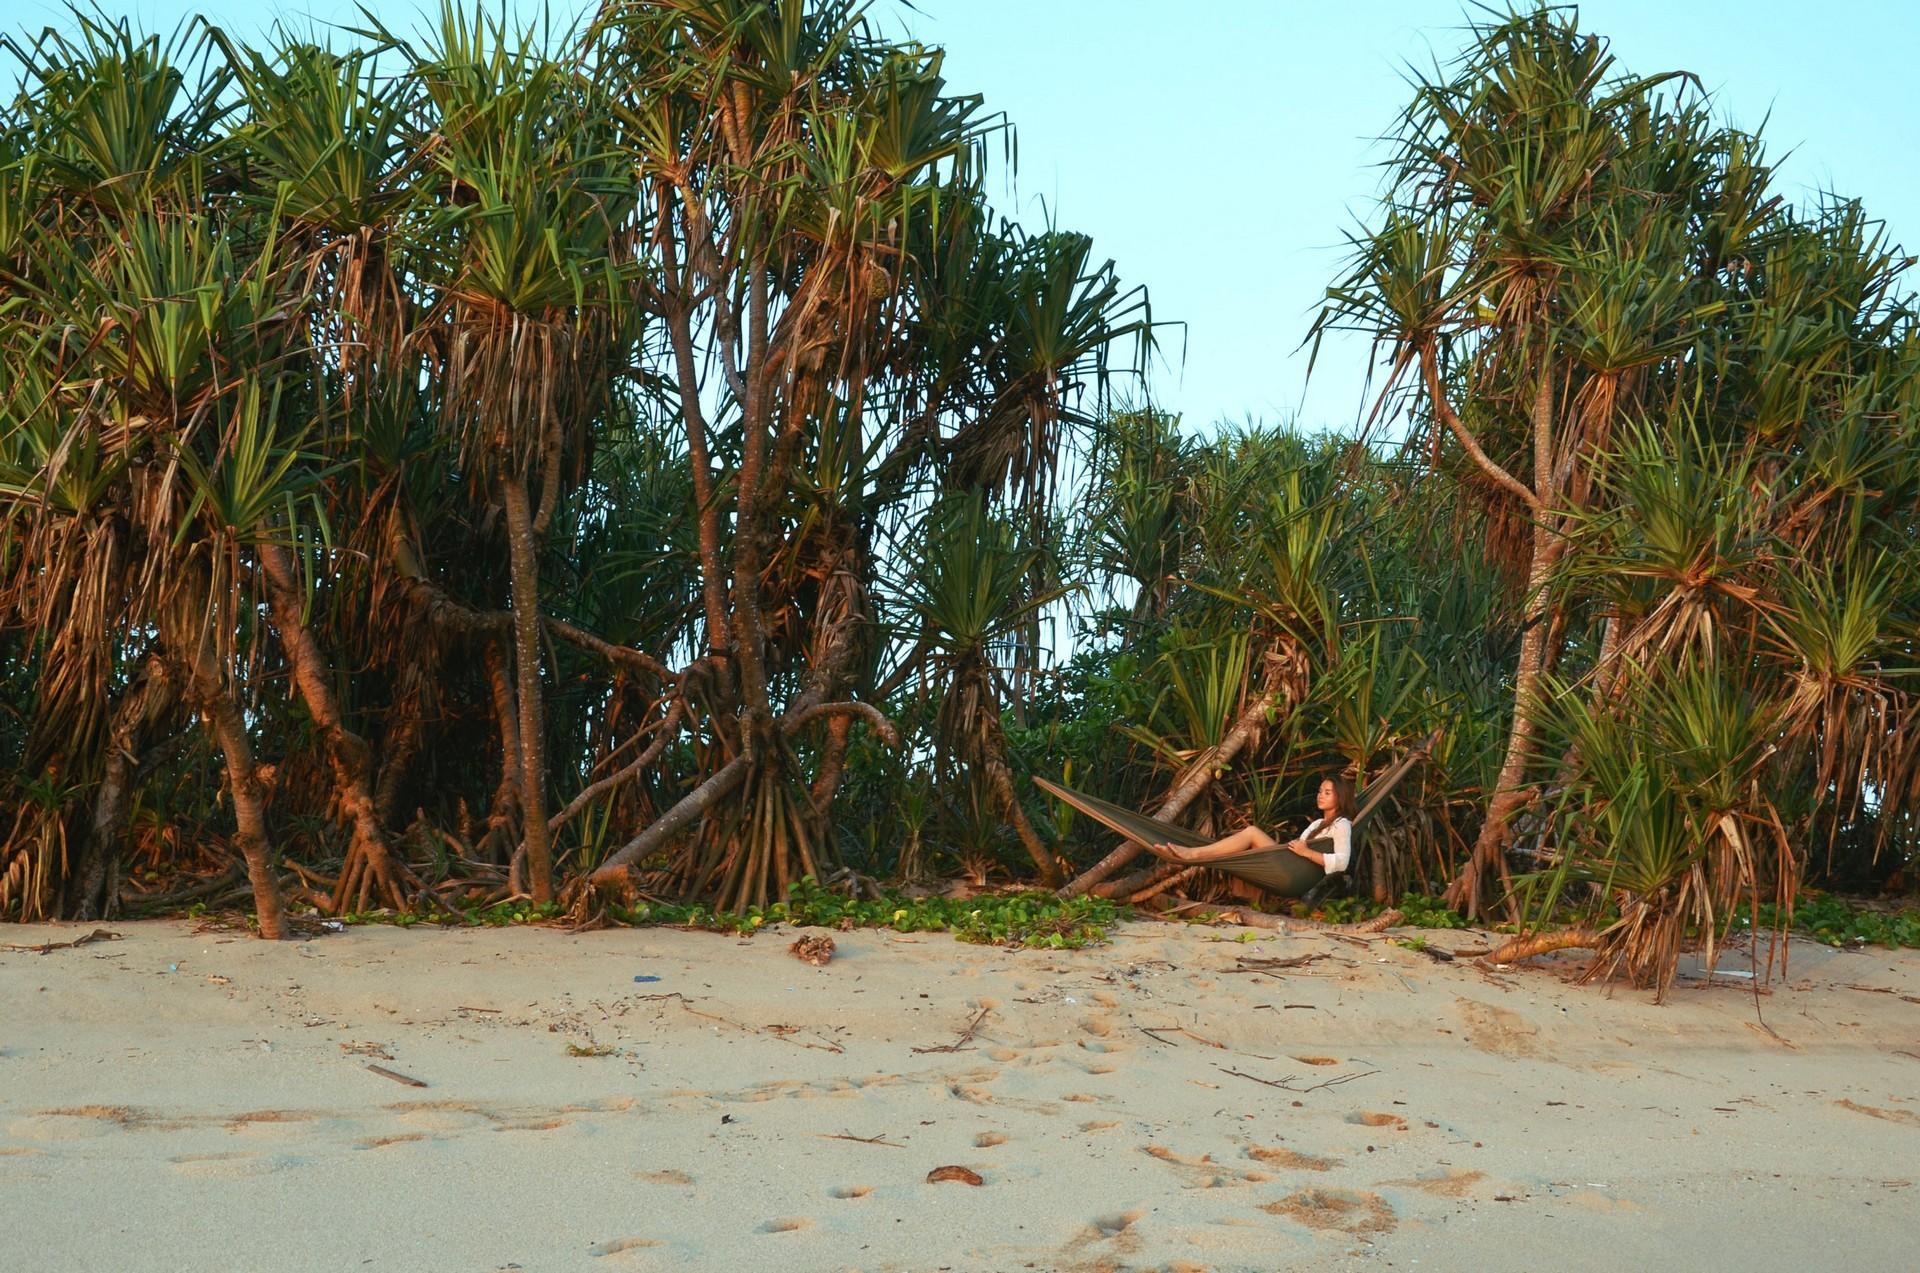 Только я, гамак и пальмы.